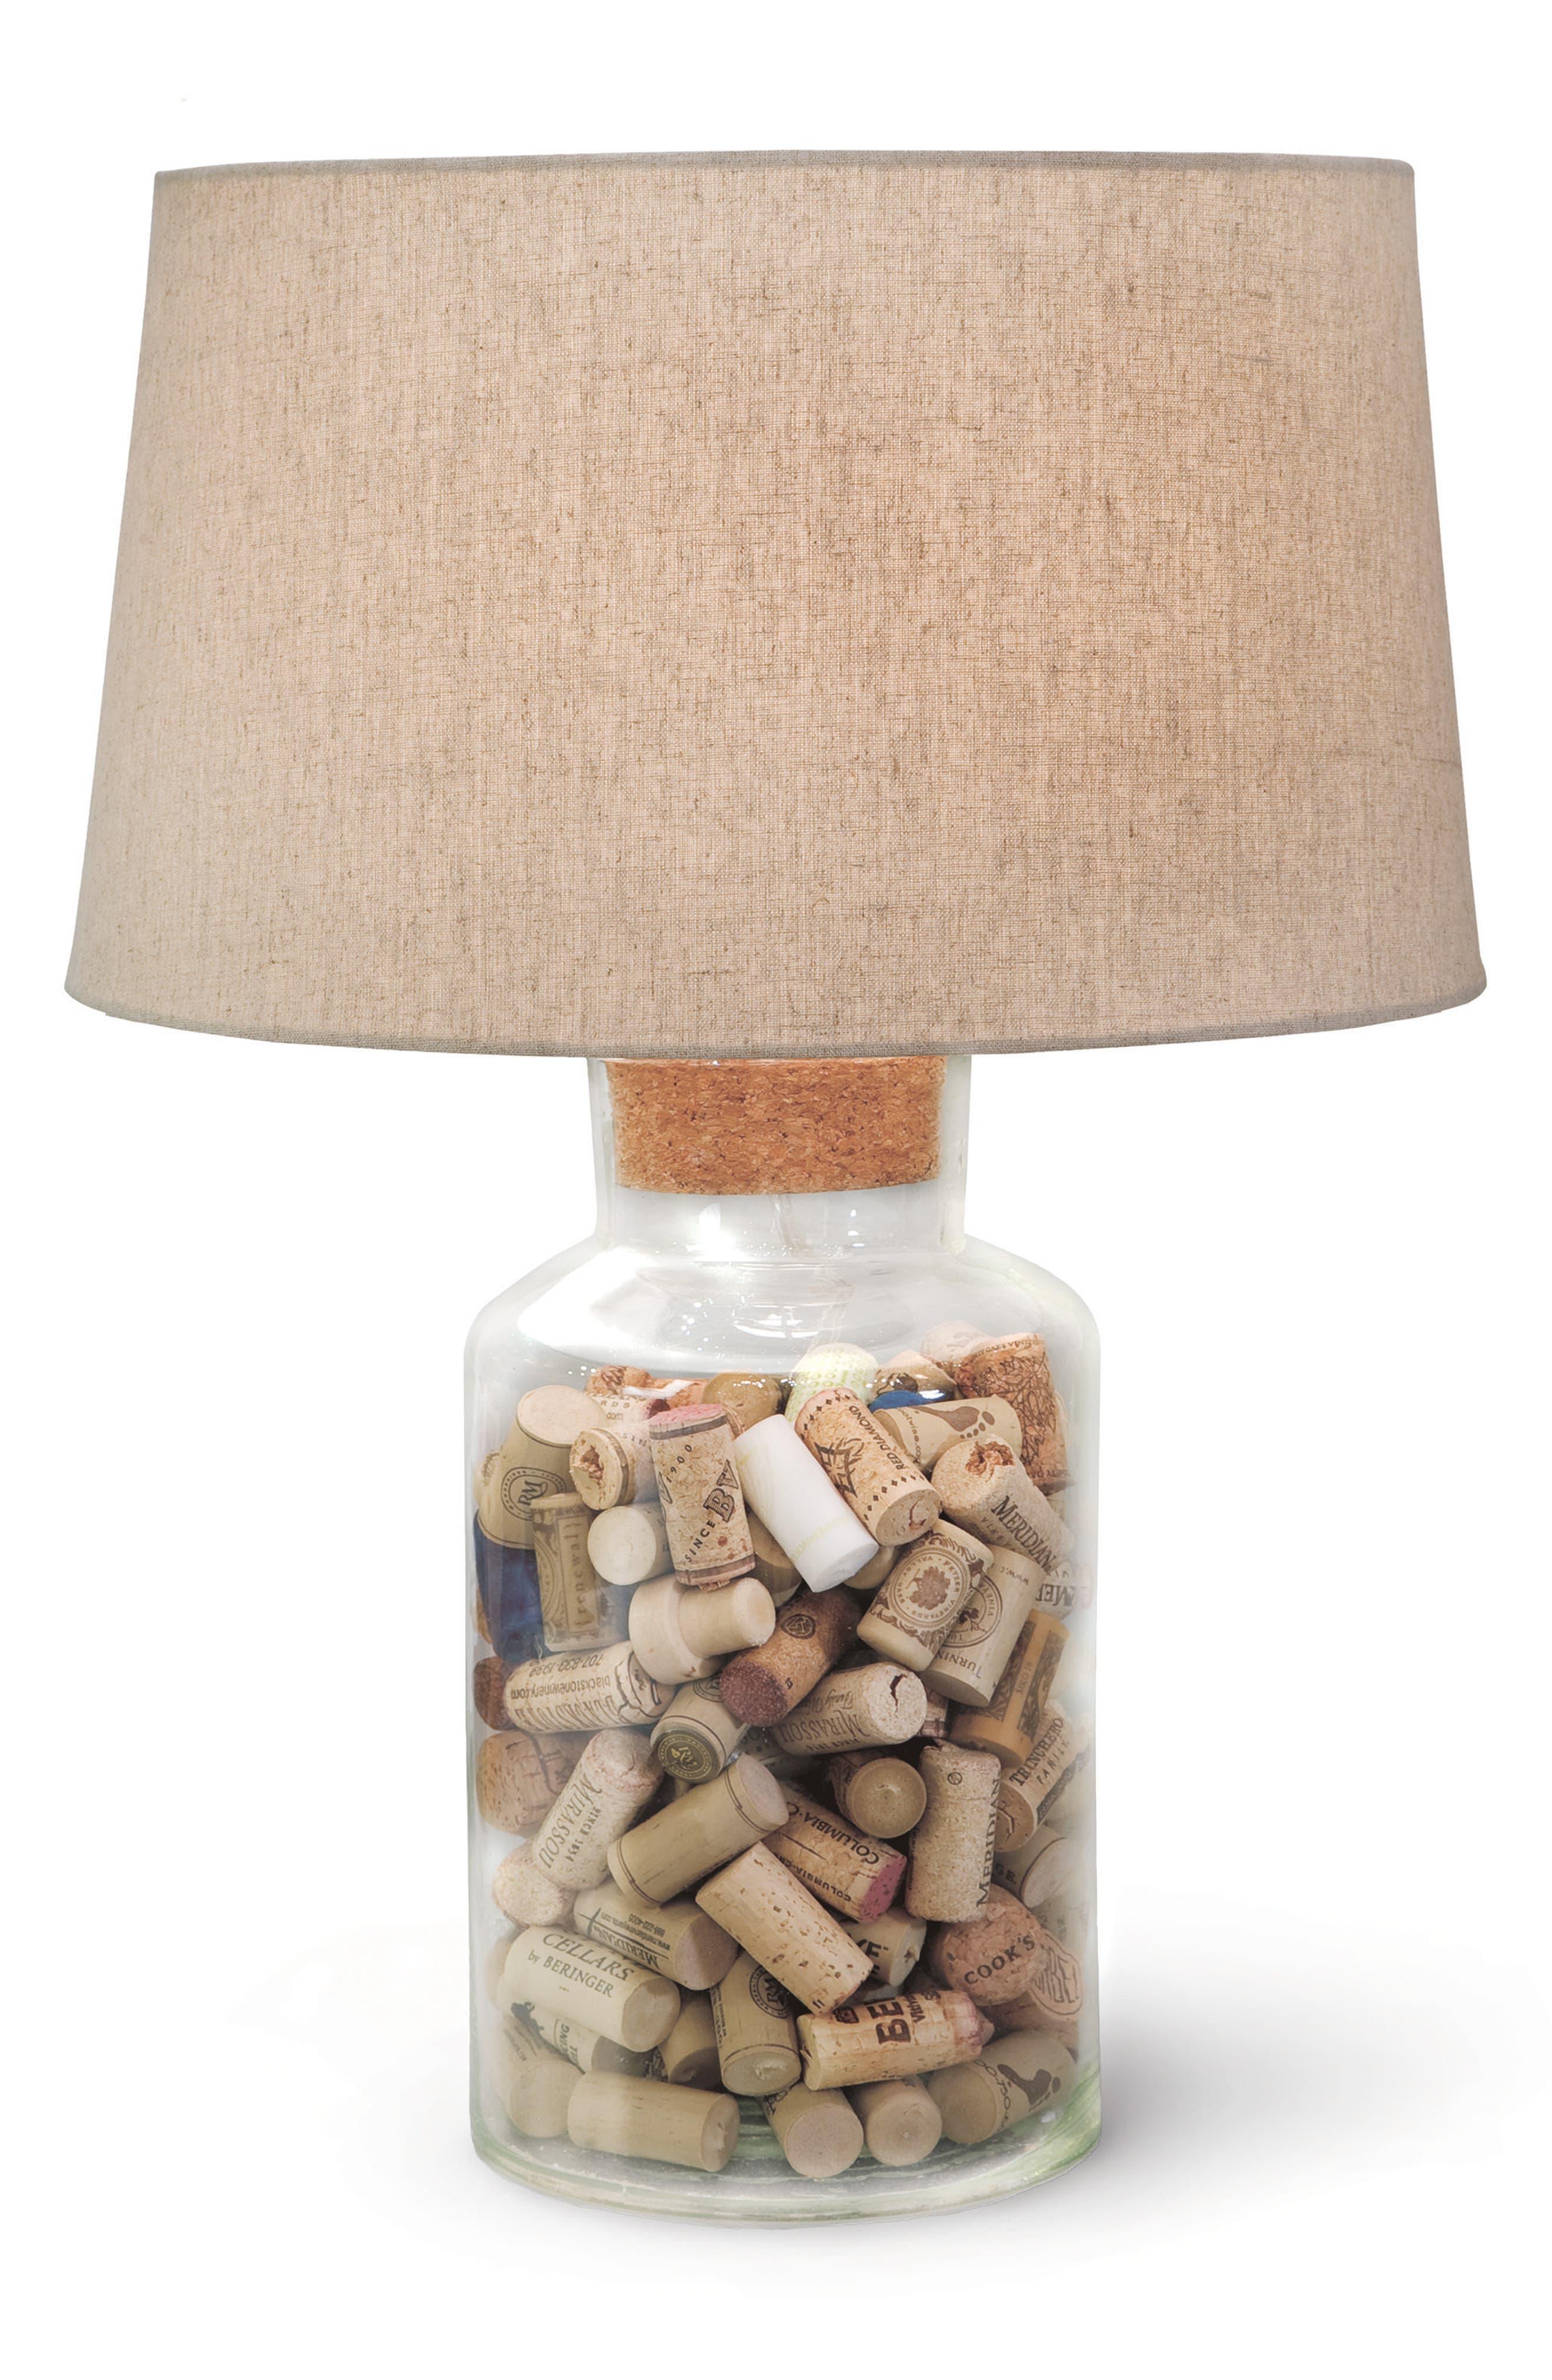 Alternate Image 1 Selected - Regina Andrew Keepsake Lamp